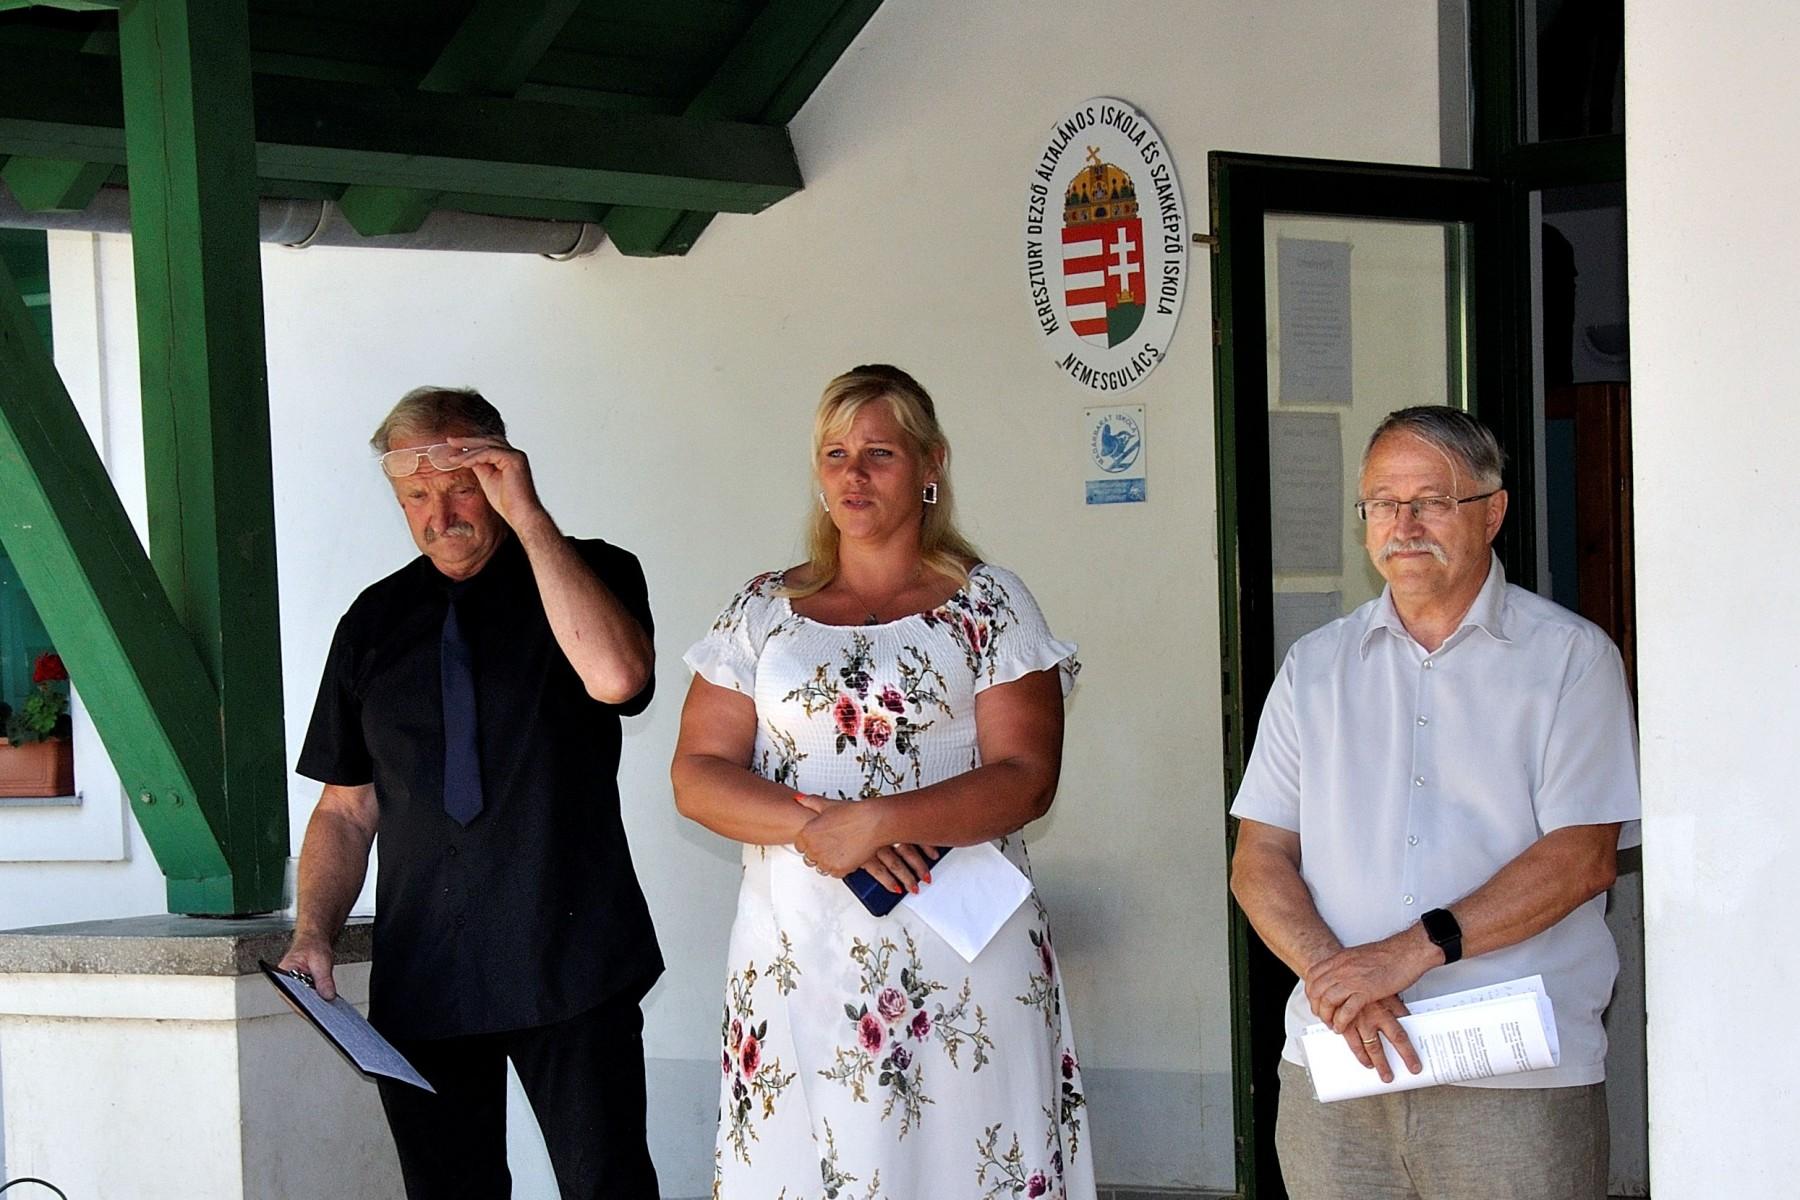 Tompos László, Kiss Ildikó és Lakner Zoltán